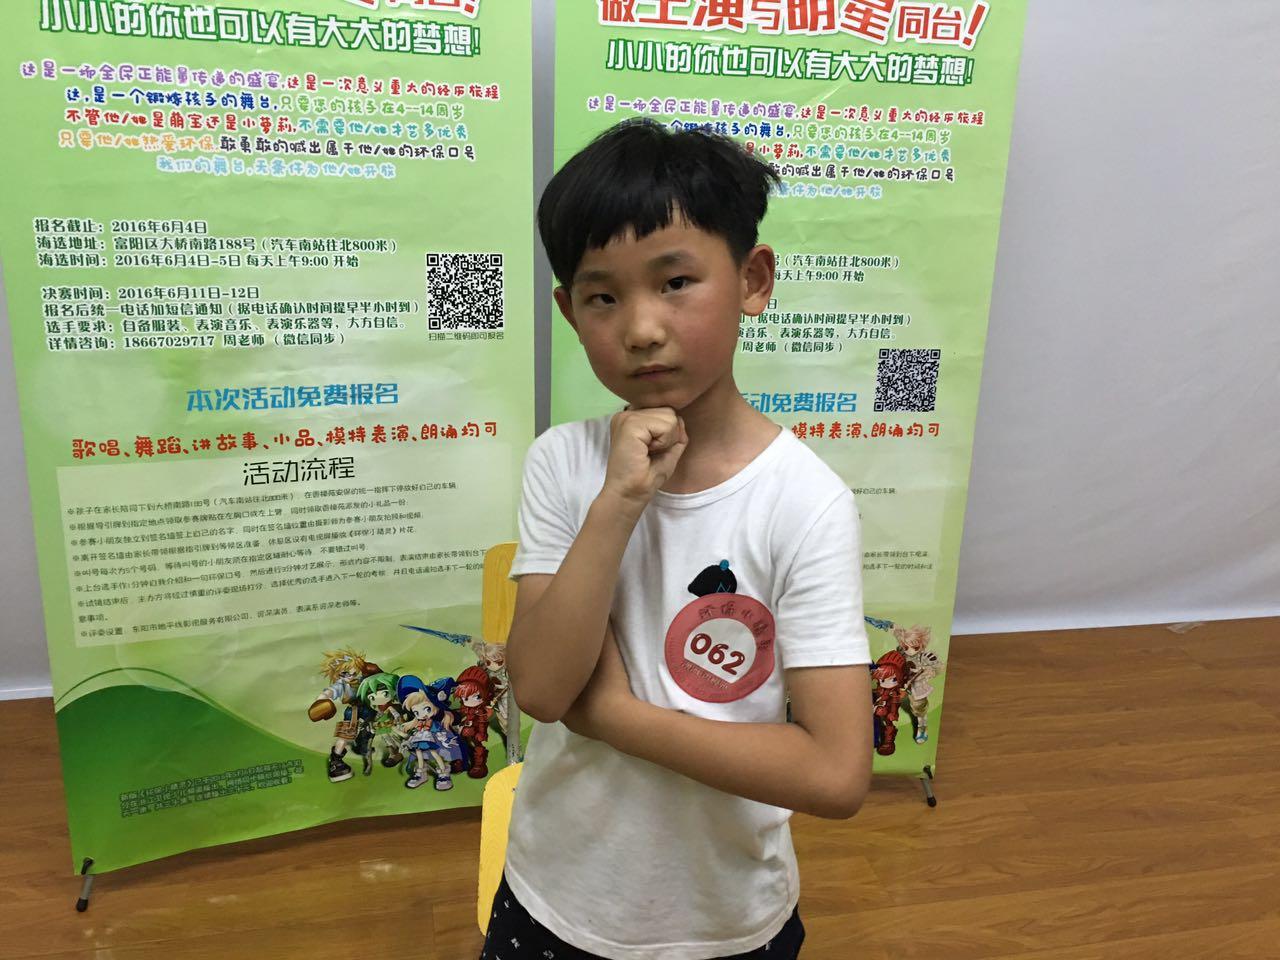 062王宇鑫